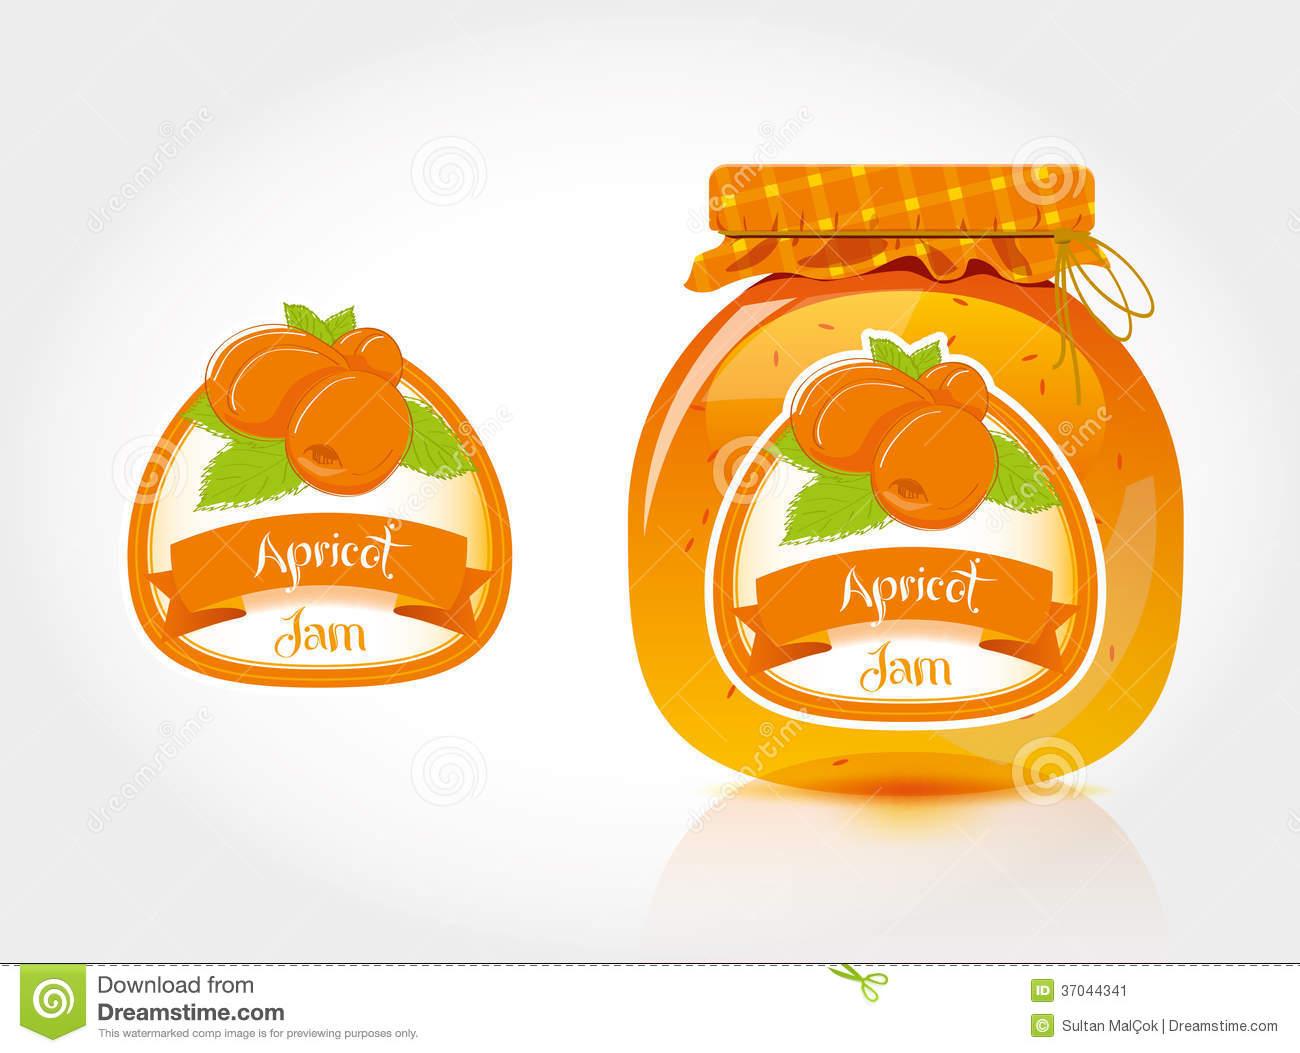 Apricot jam clipart #19